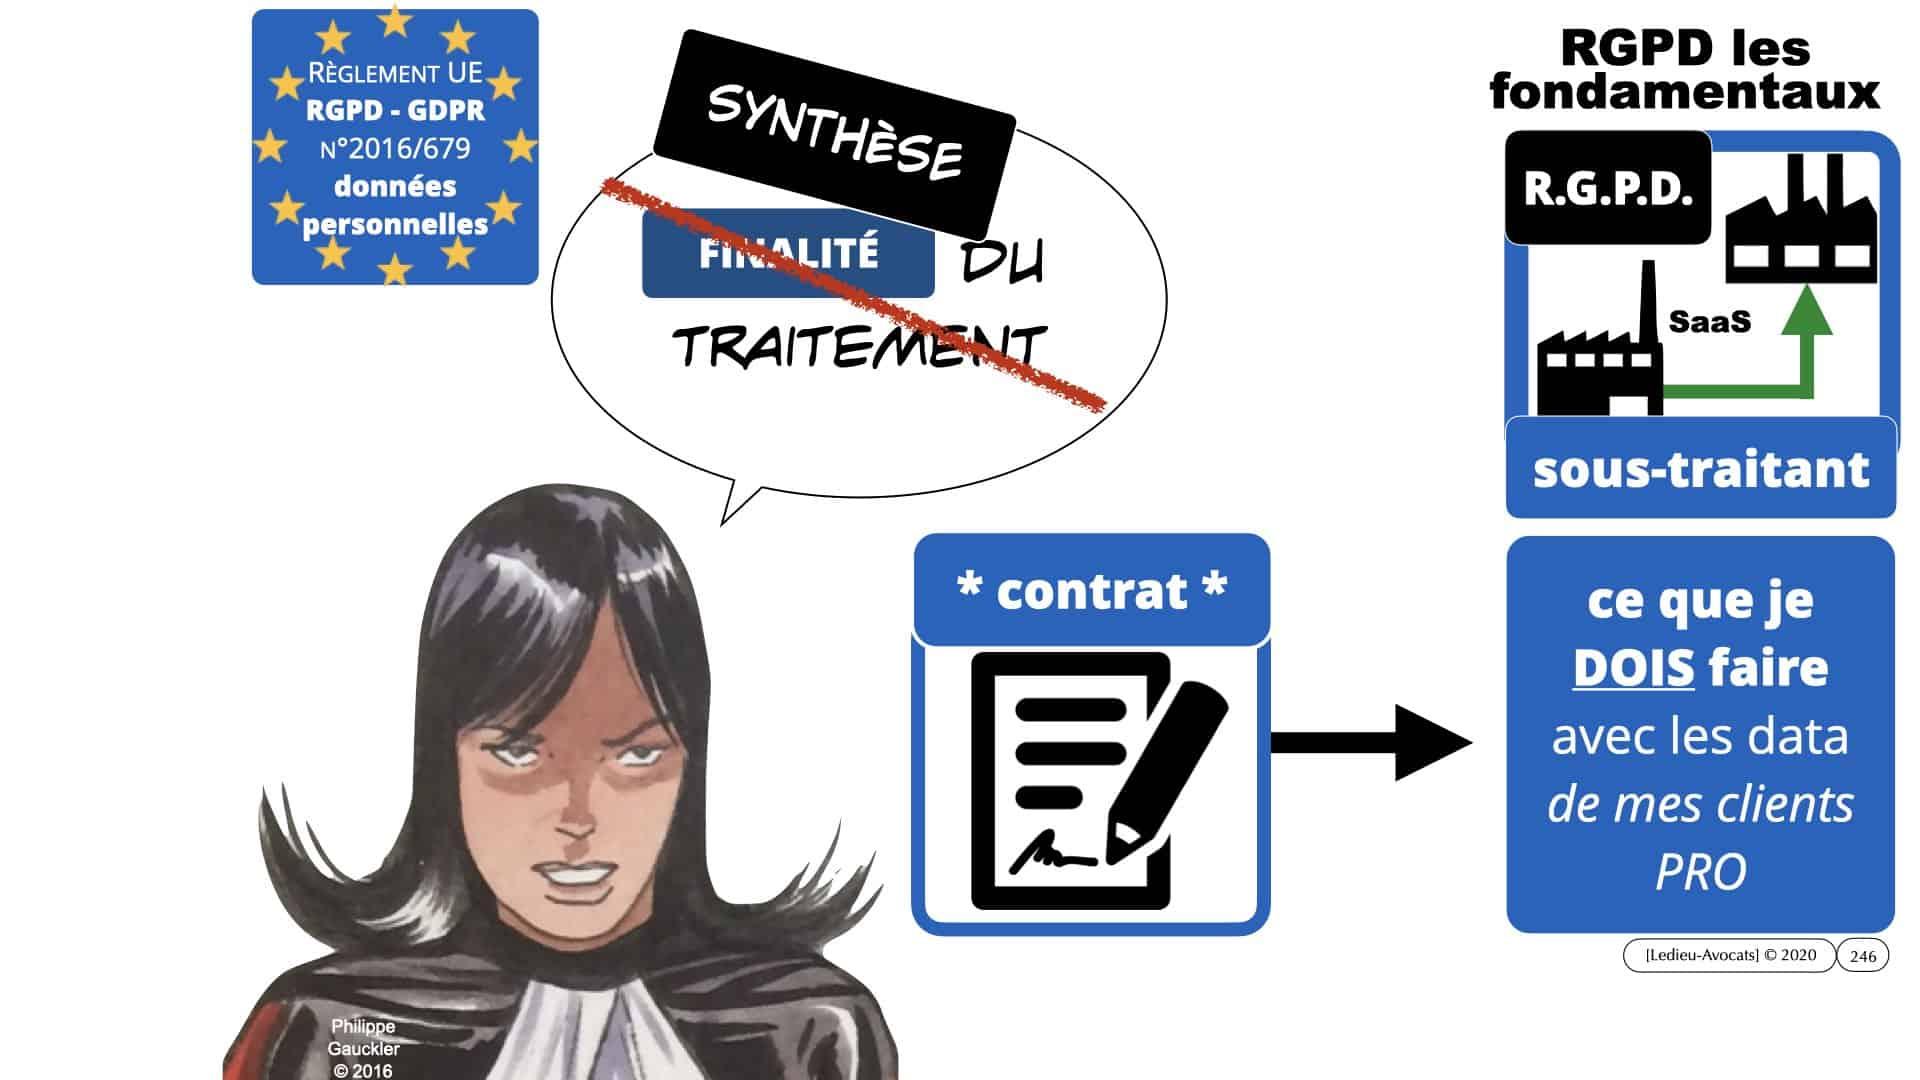 RGPD e-Privacy données personnelles jurisprudence formation Lamy Les Echos 10-02-2021 ©Ledieu-Avocats.246